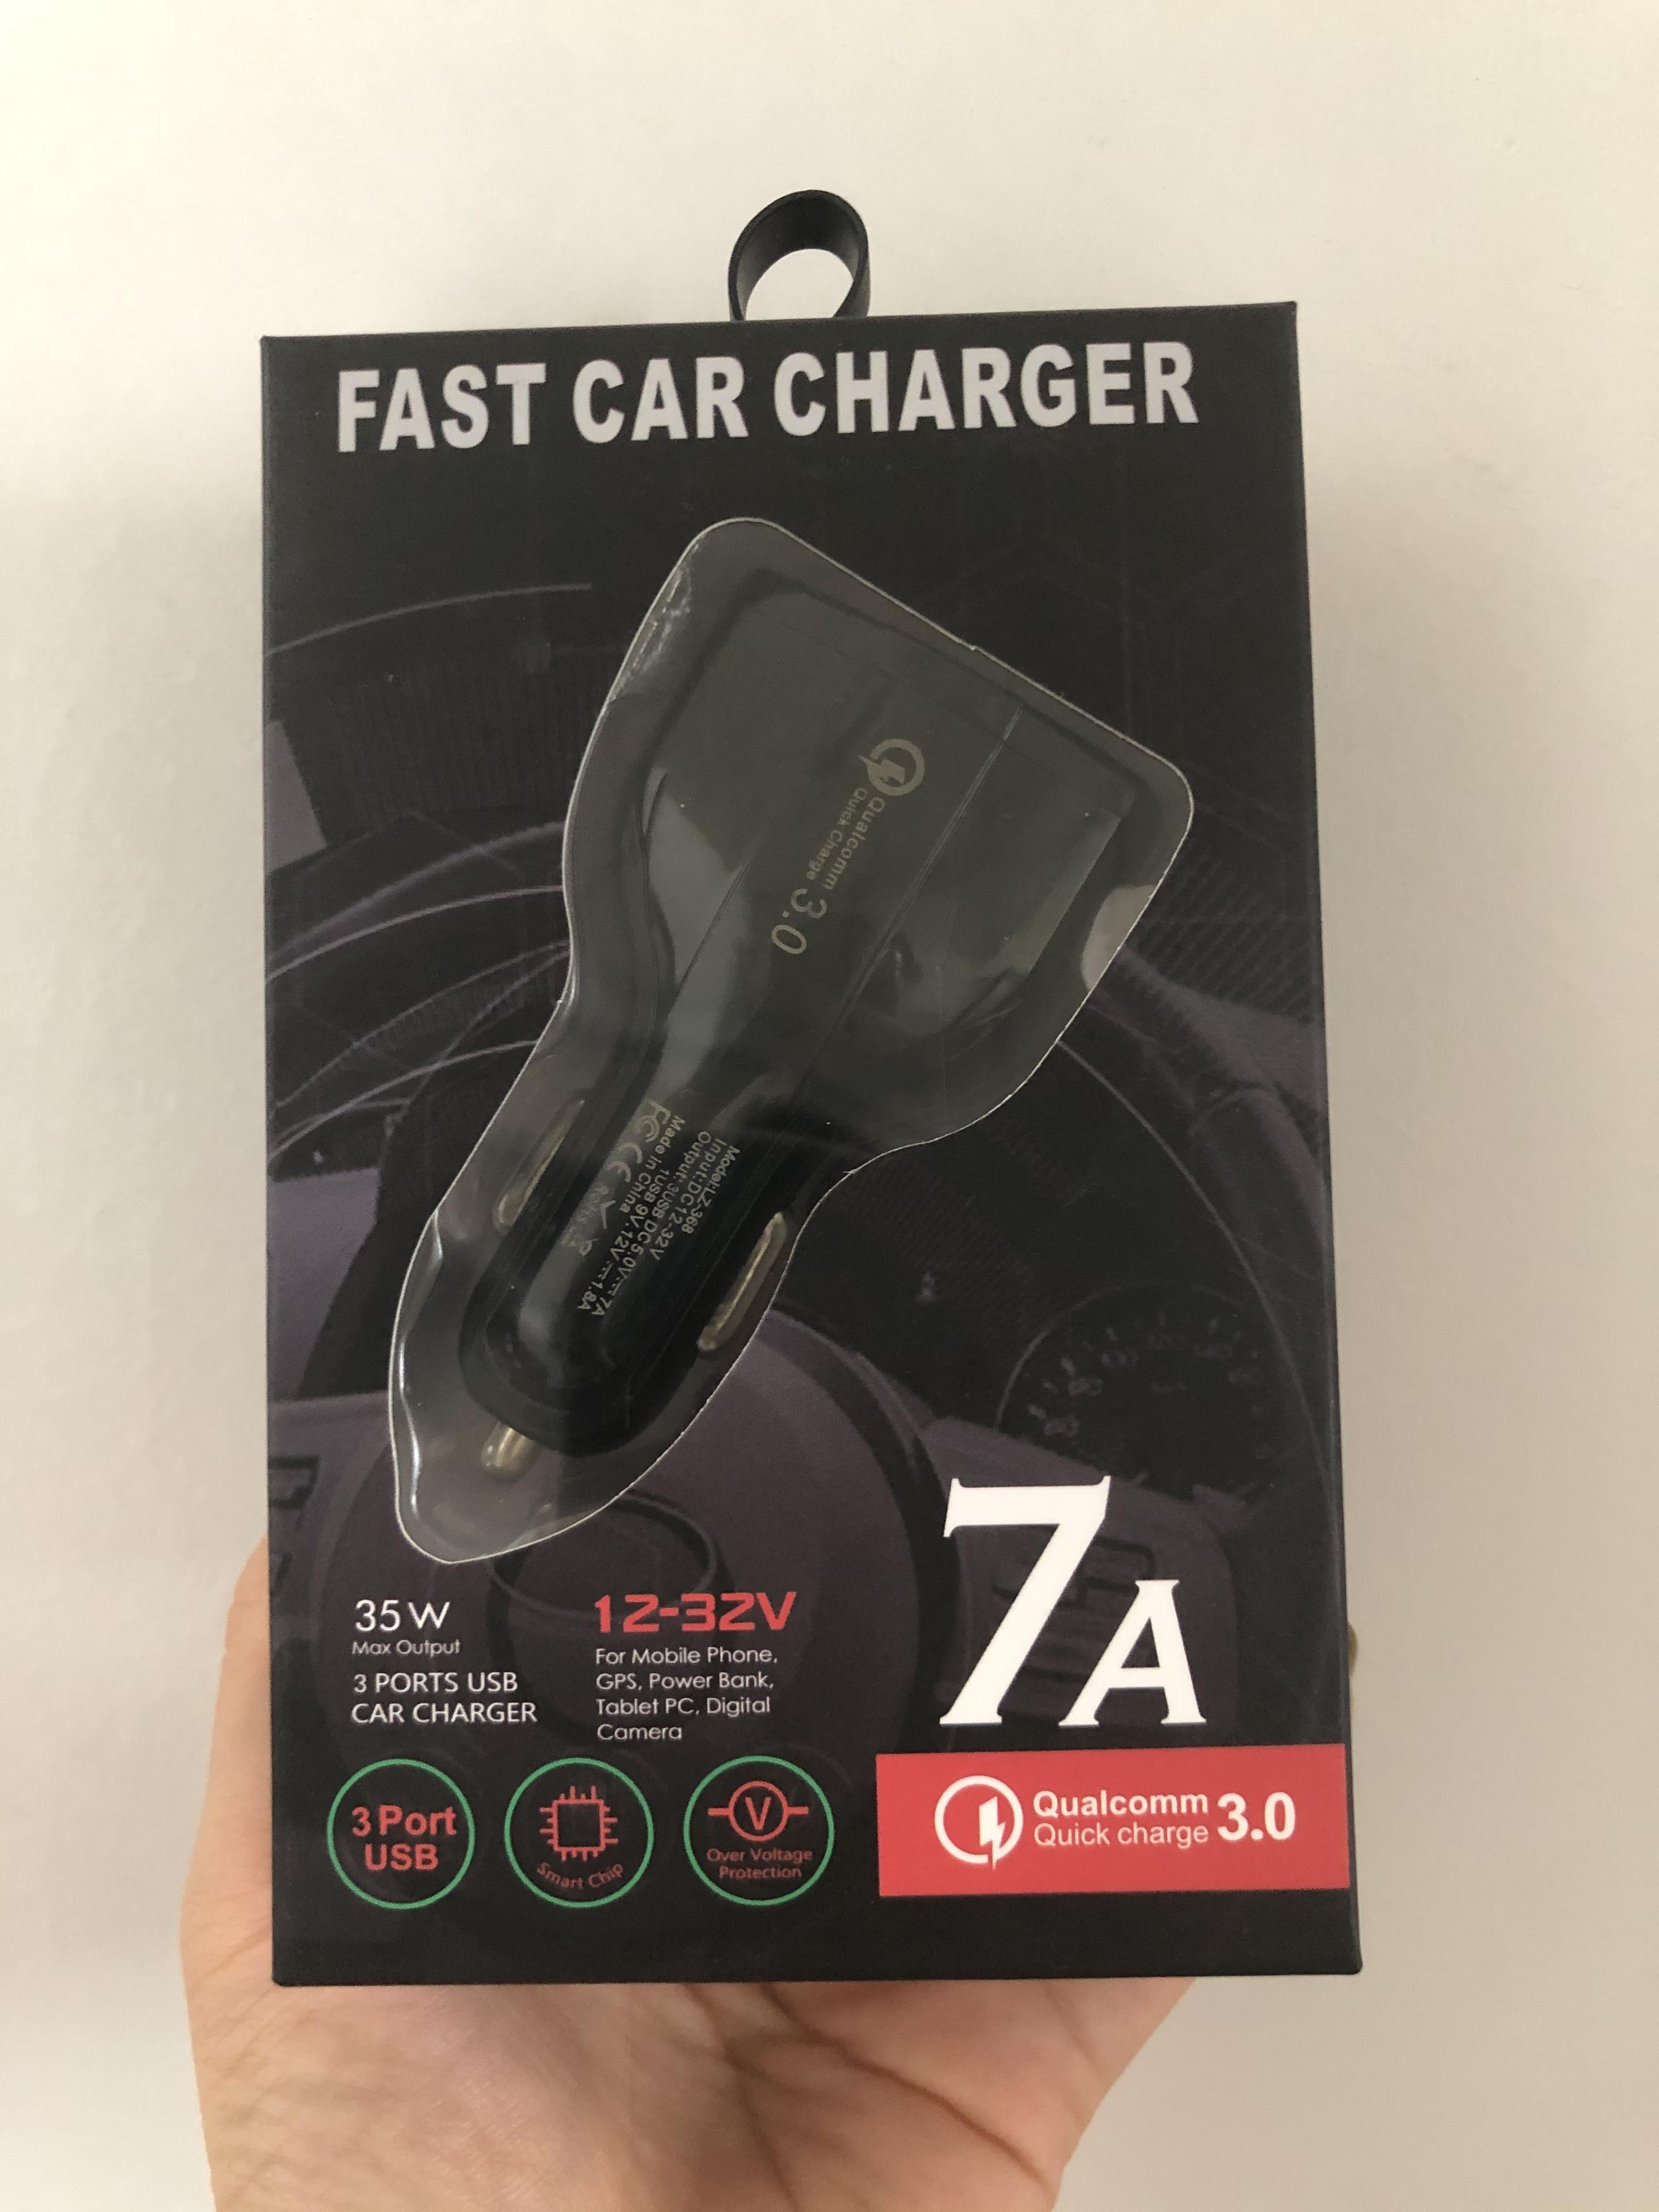 35W 7A 3 portas Carregador de carro Tipo C e USB Carregador QC 3.0 com Qualcomm Quick Charge 3.0 Tecnologia para telefone